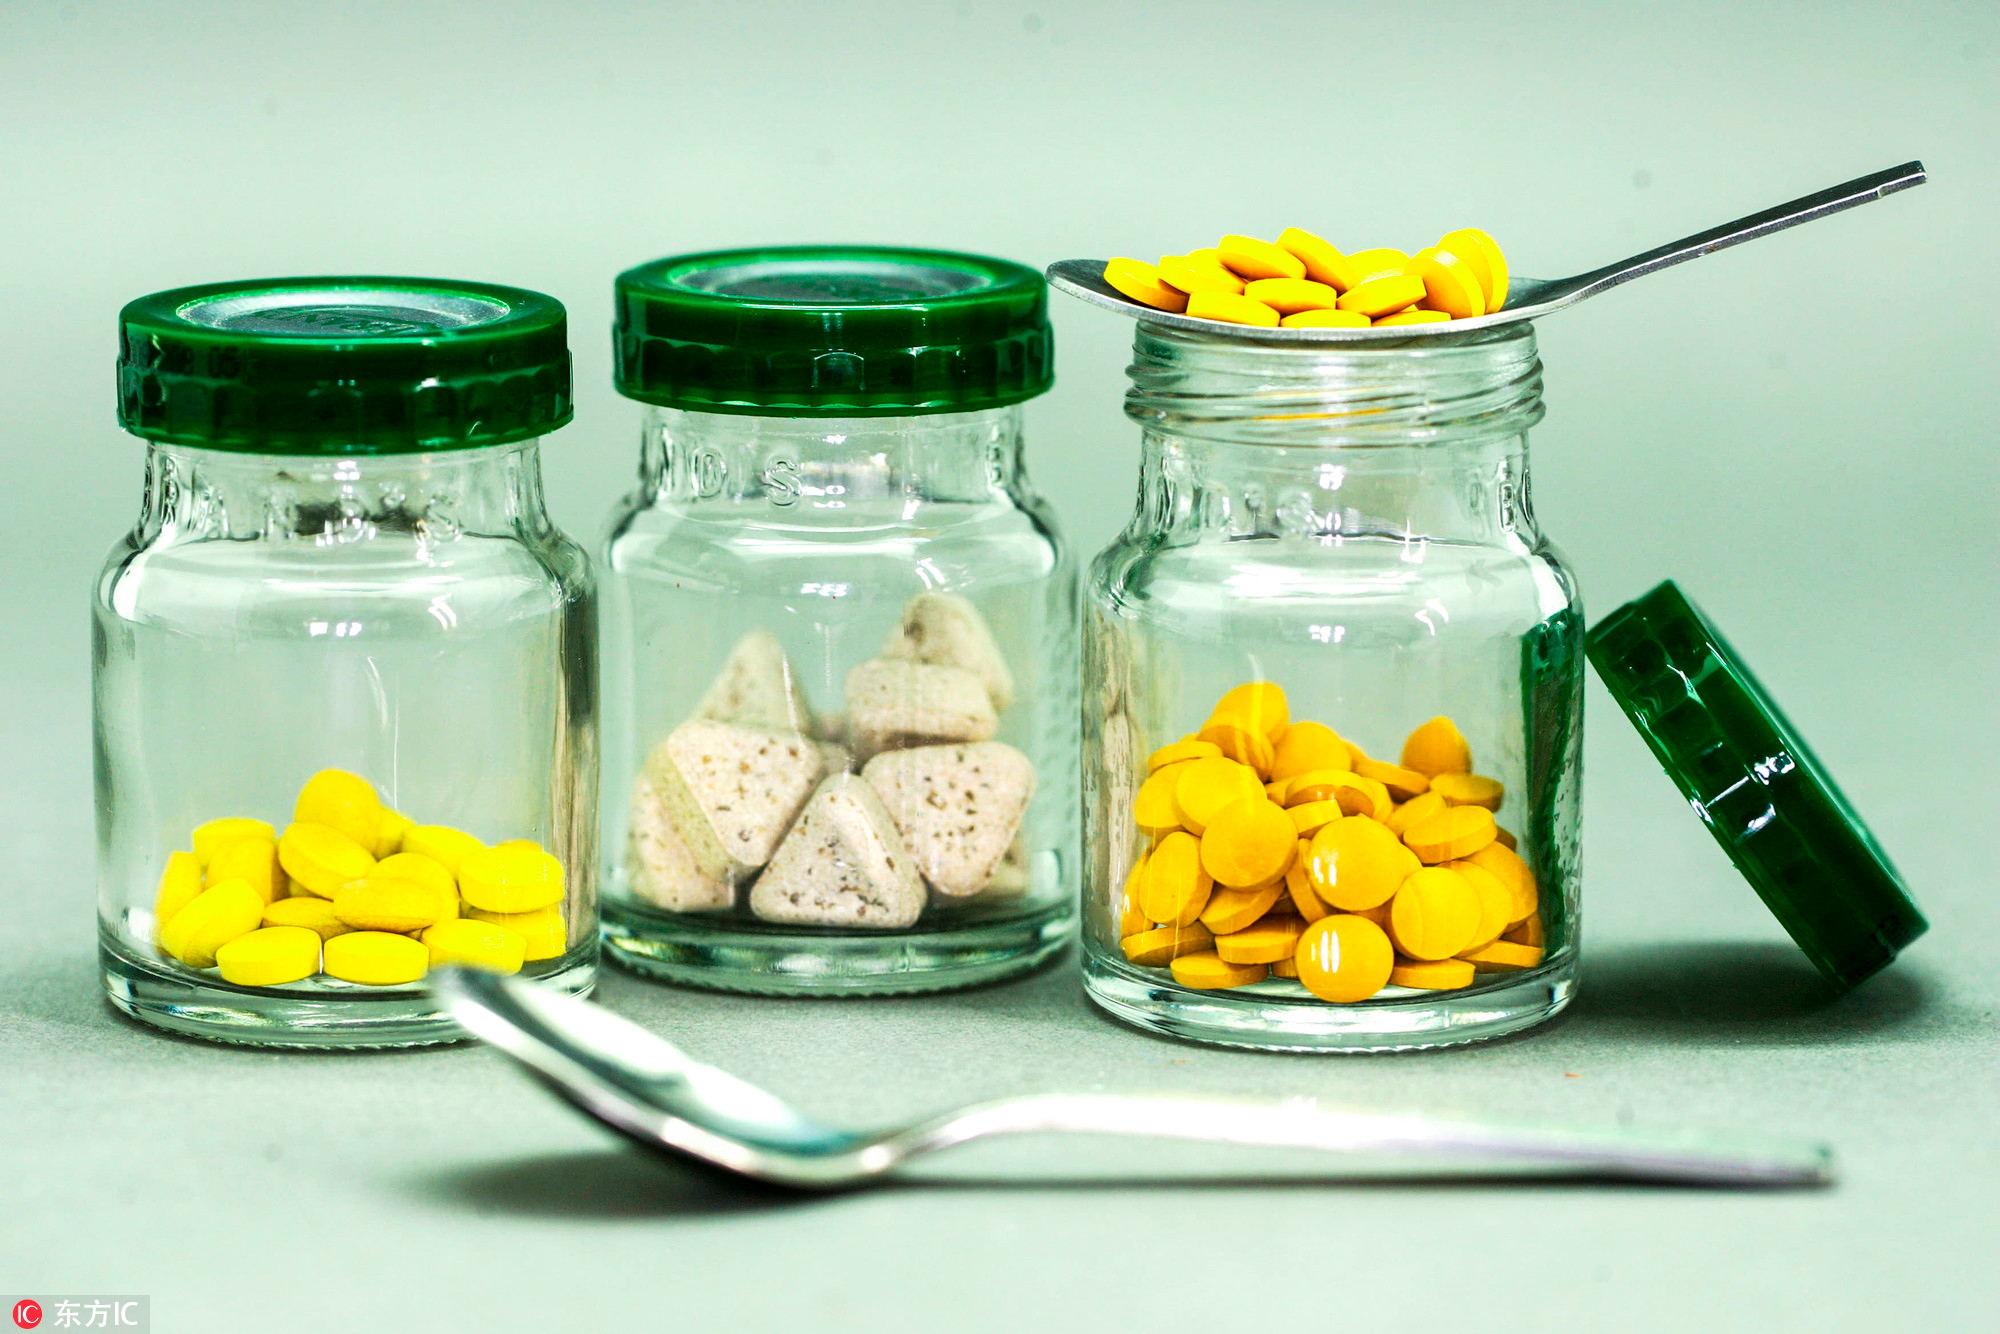 FDA黑框警告:这3种抗失眠药物可诱发异常睡眠行为,导致损伤甚至死亡